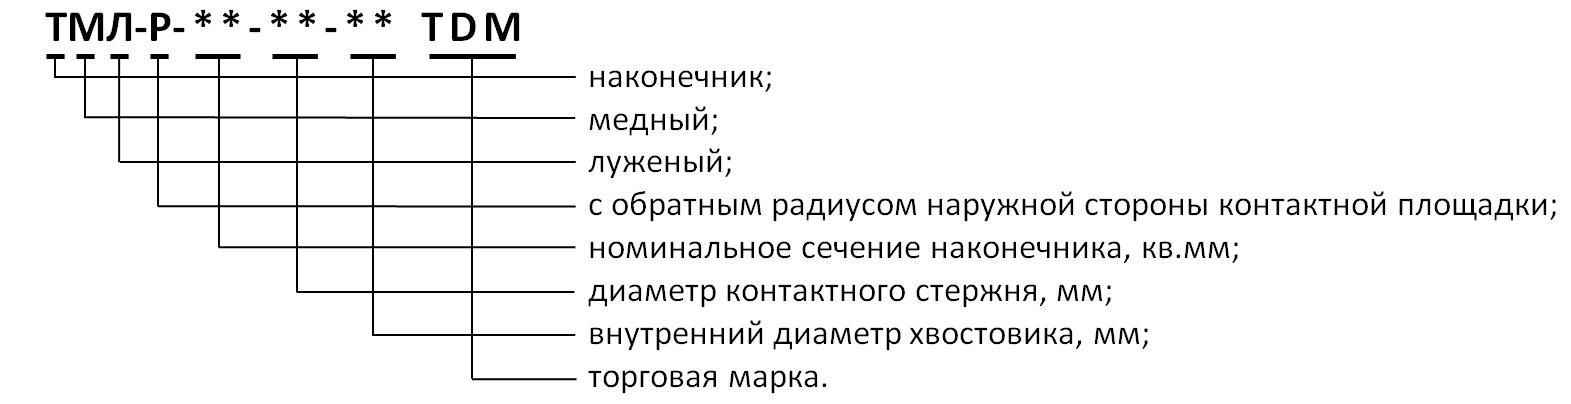 https://www.necm.ru/upload/images_for_news/31052019_6.jpg